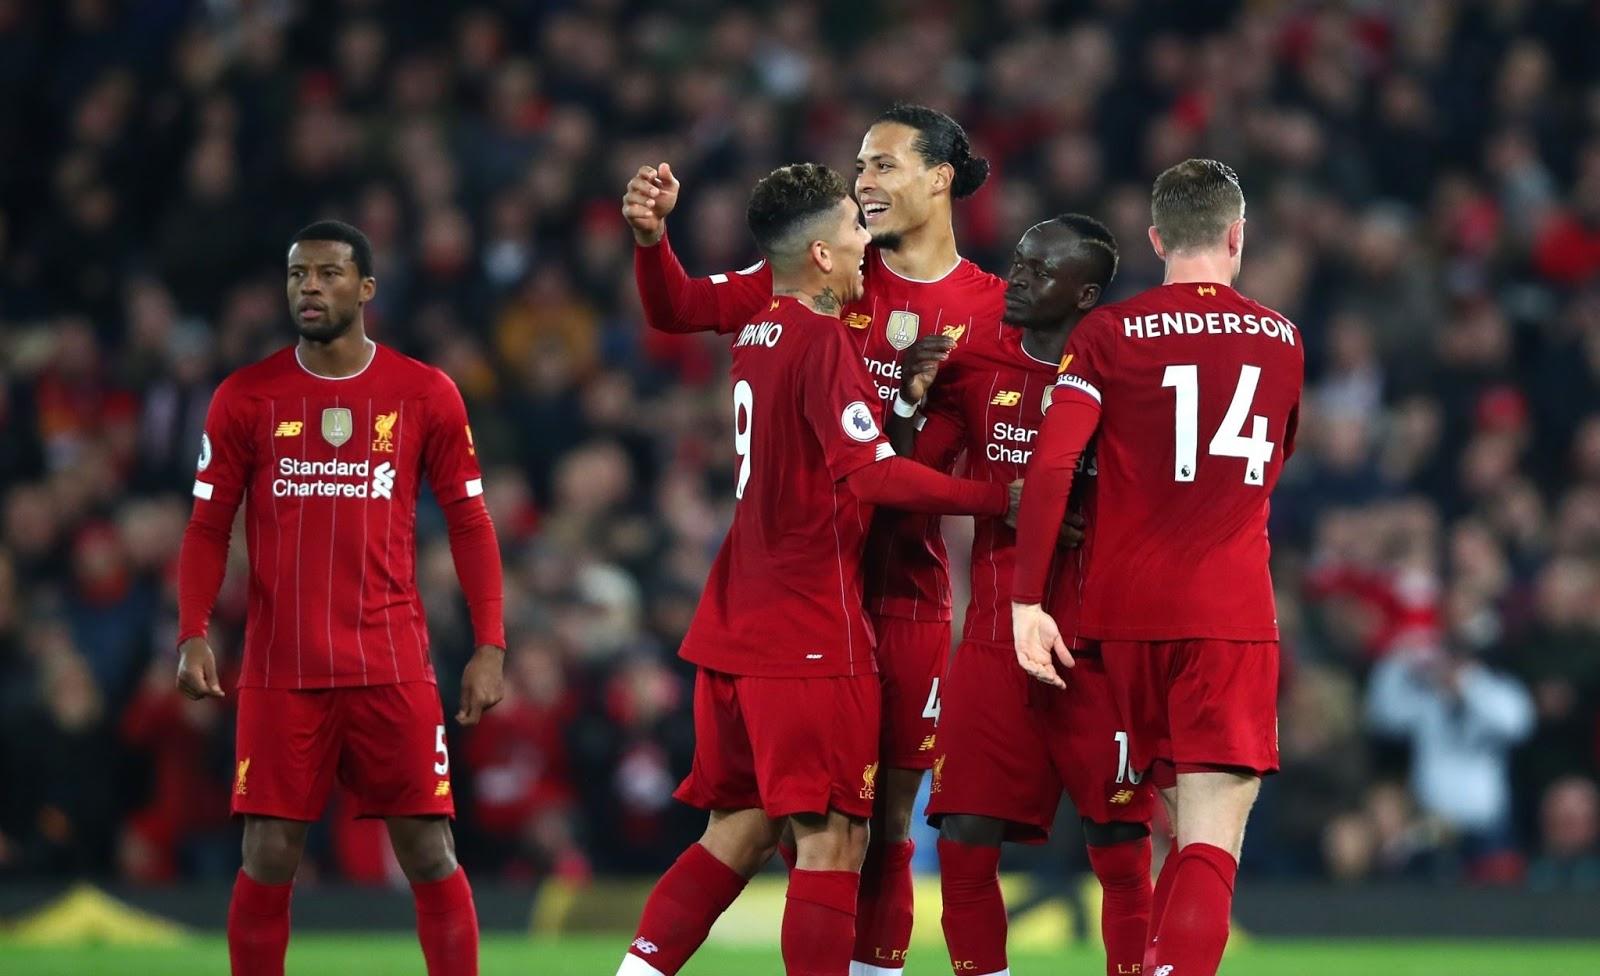 نتيجة مباراة ليفربول وشوروسبري تاون بتاريخ 26-01-2020 كأس الإتحاد الإنجليزي